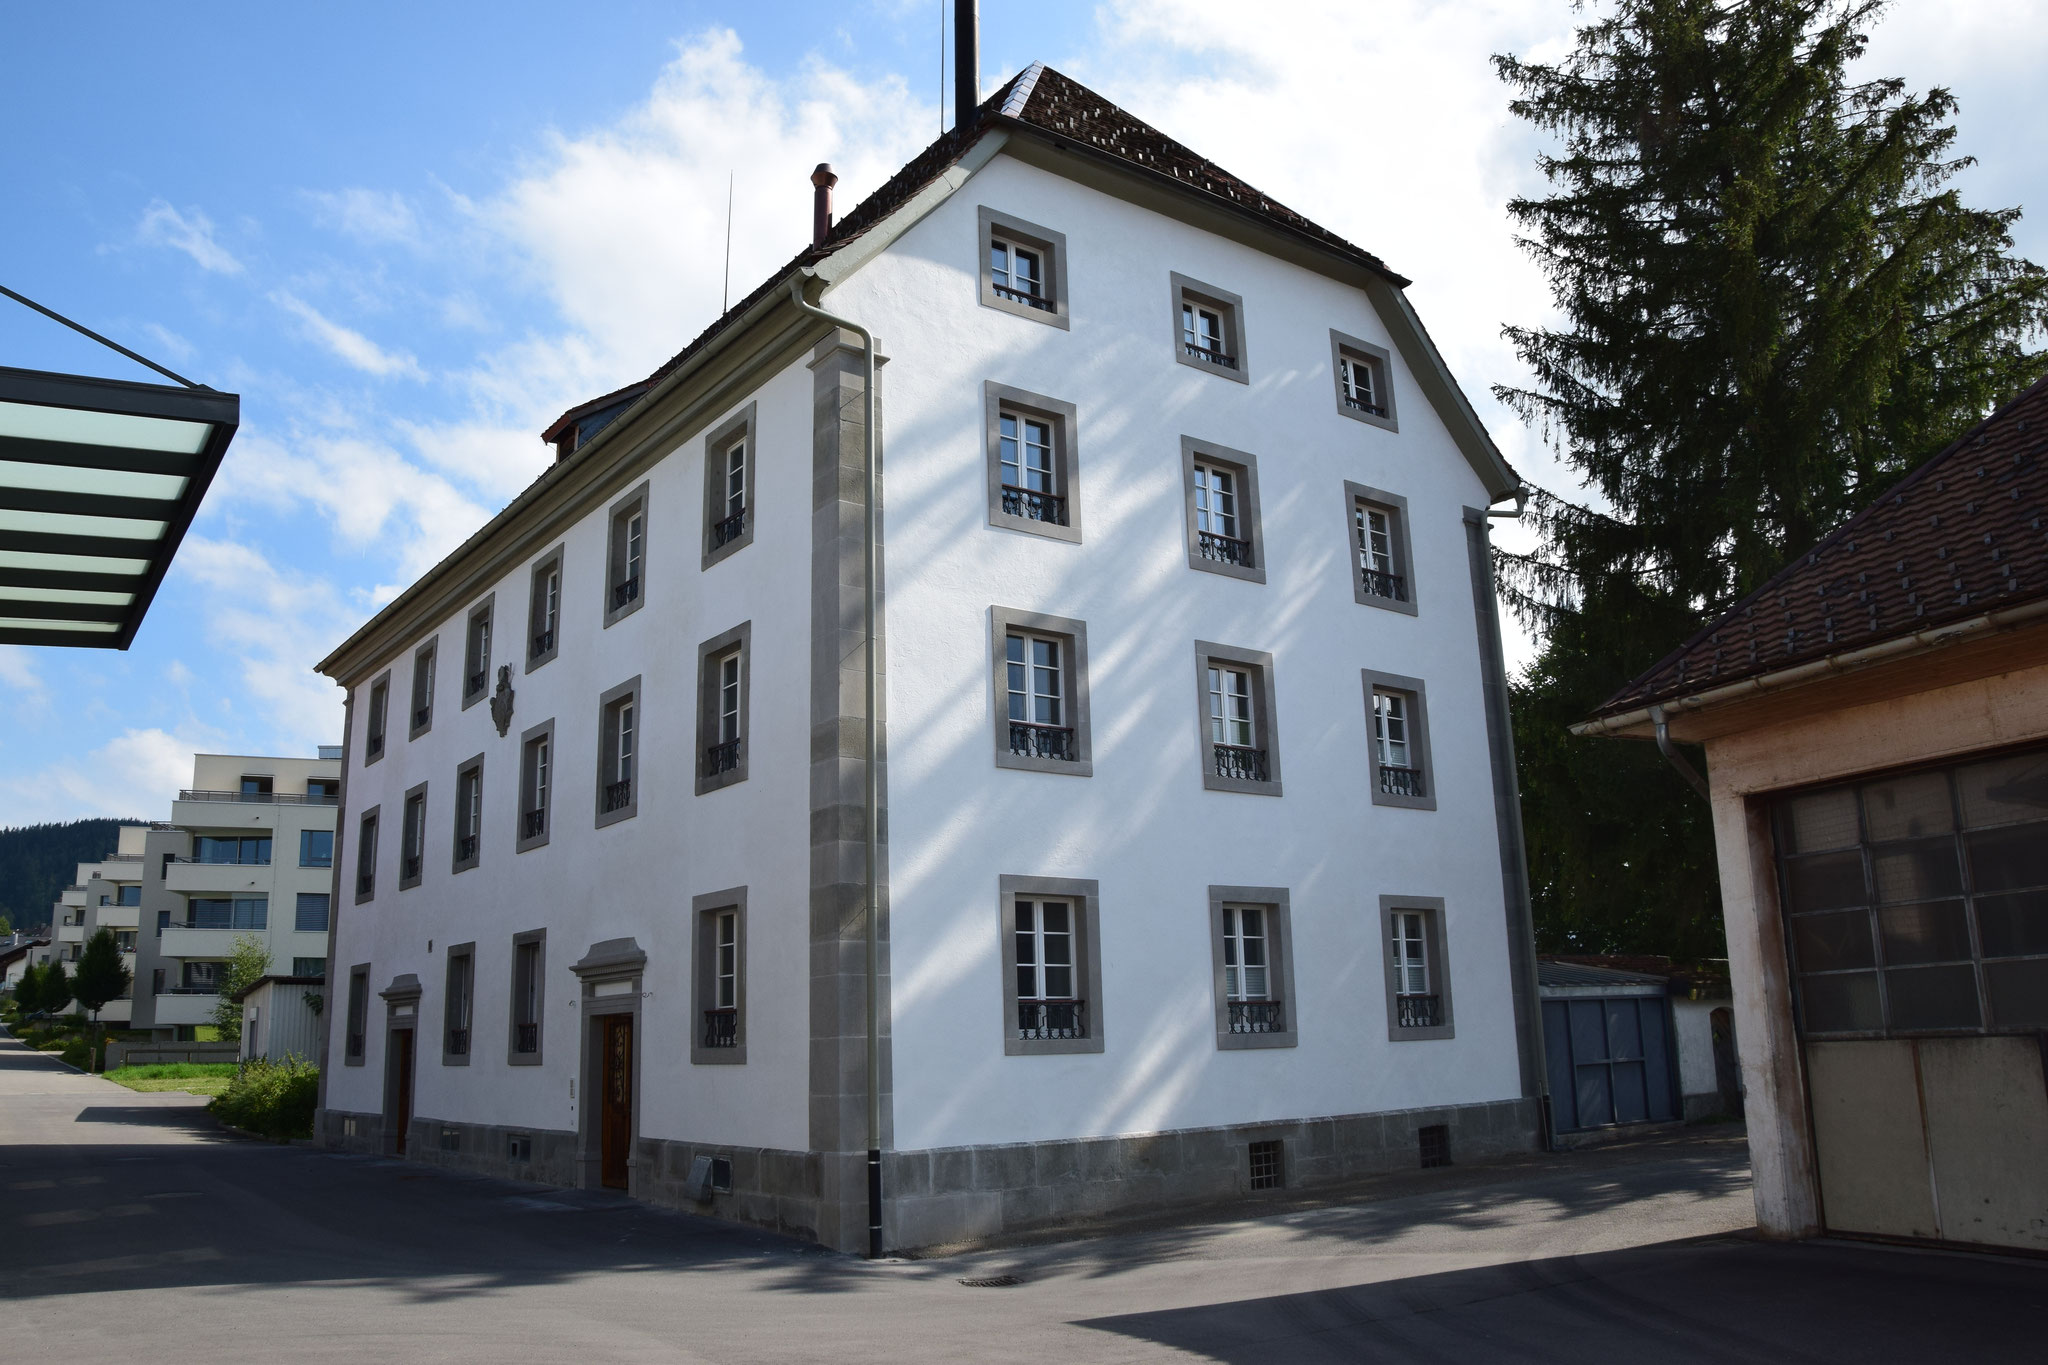 """Haus Klostermühle mit seinem fertigen """"al fresco"""" Fassadenputz"""